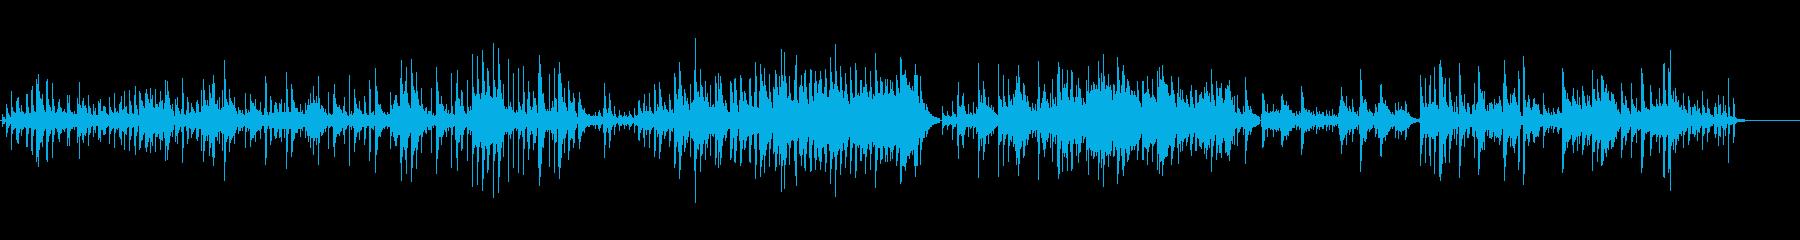 生ピアノソロ・キラキラした空気の再生済みの波形